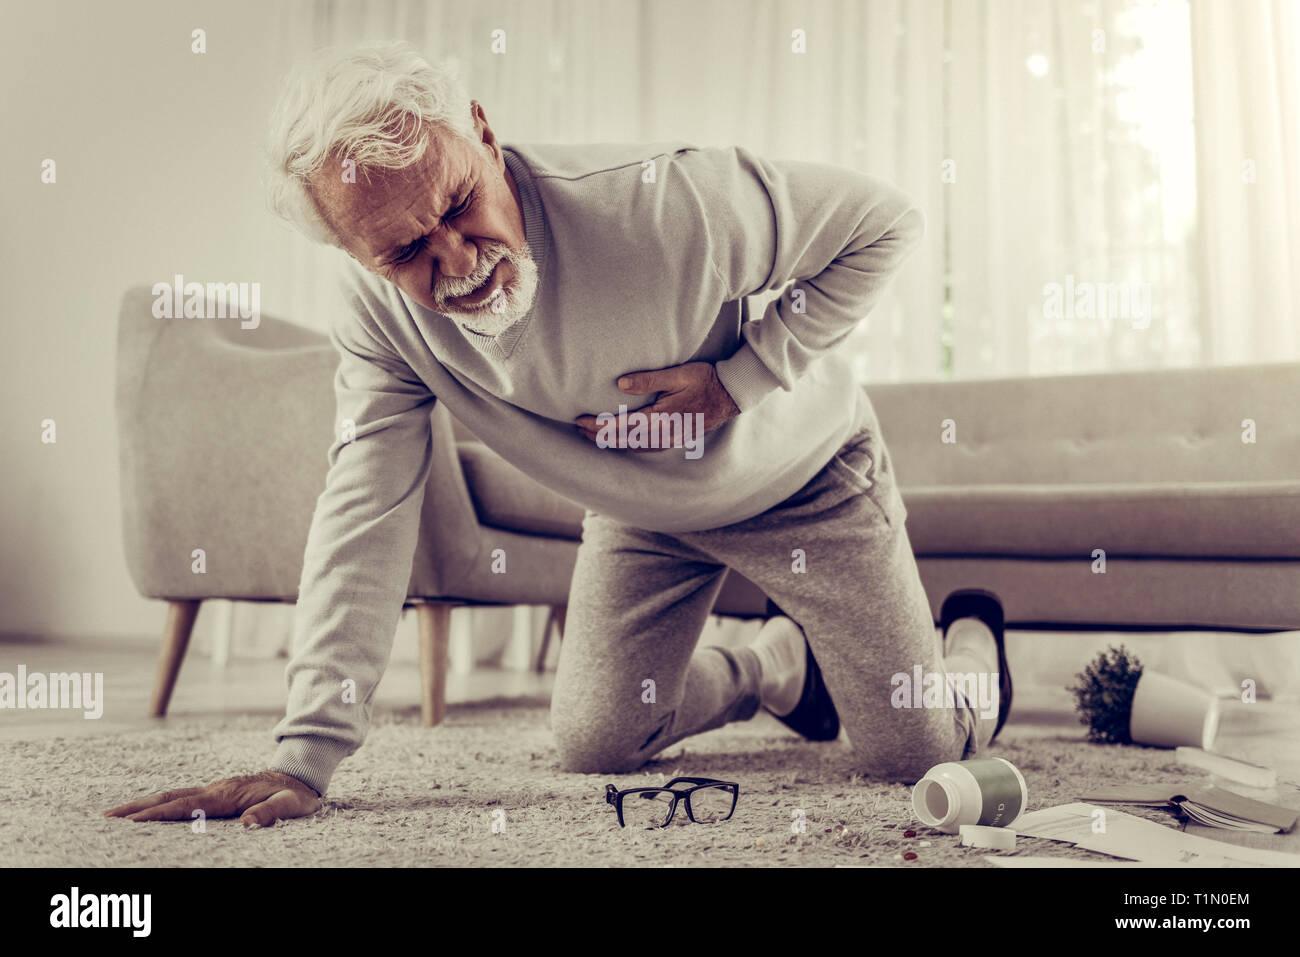 Aux cheveux blancs malades âgés de soixante ans mister souffrant de graves chagrin Photo Stock